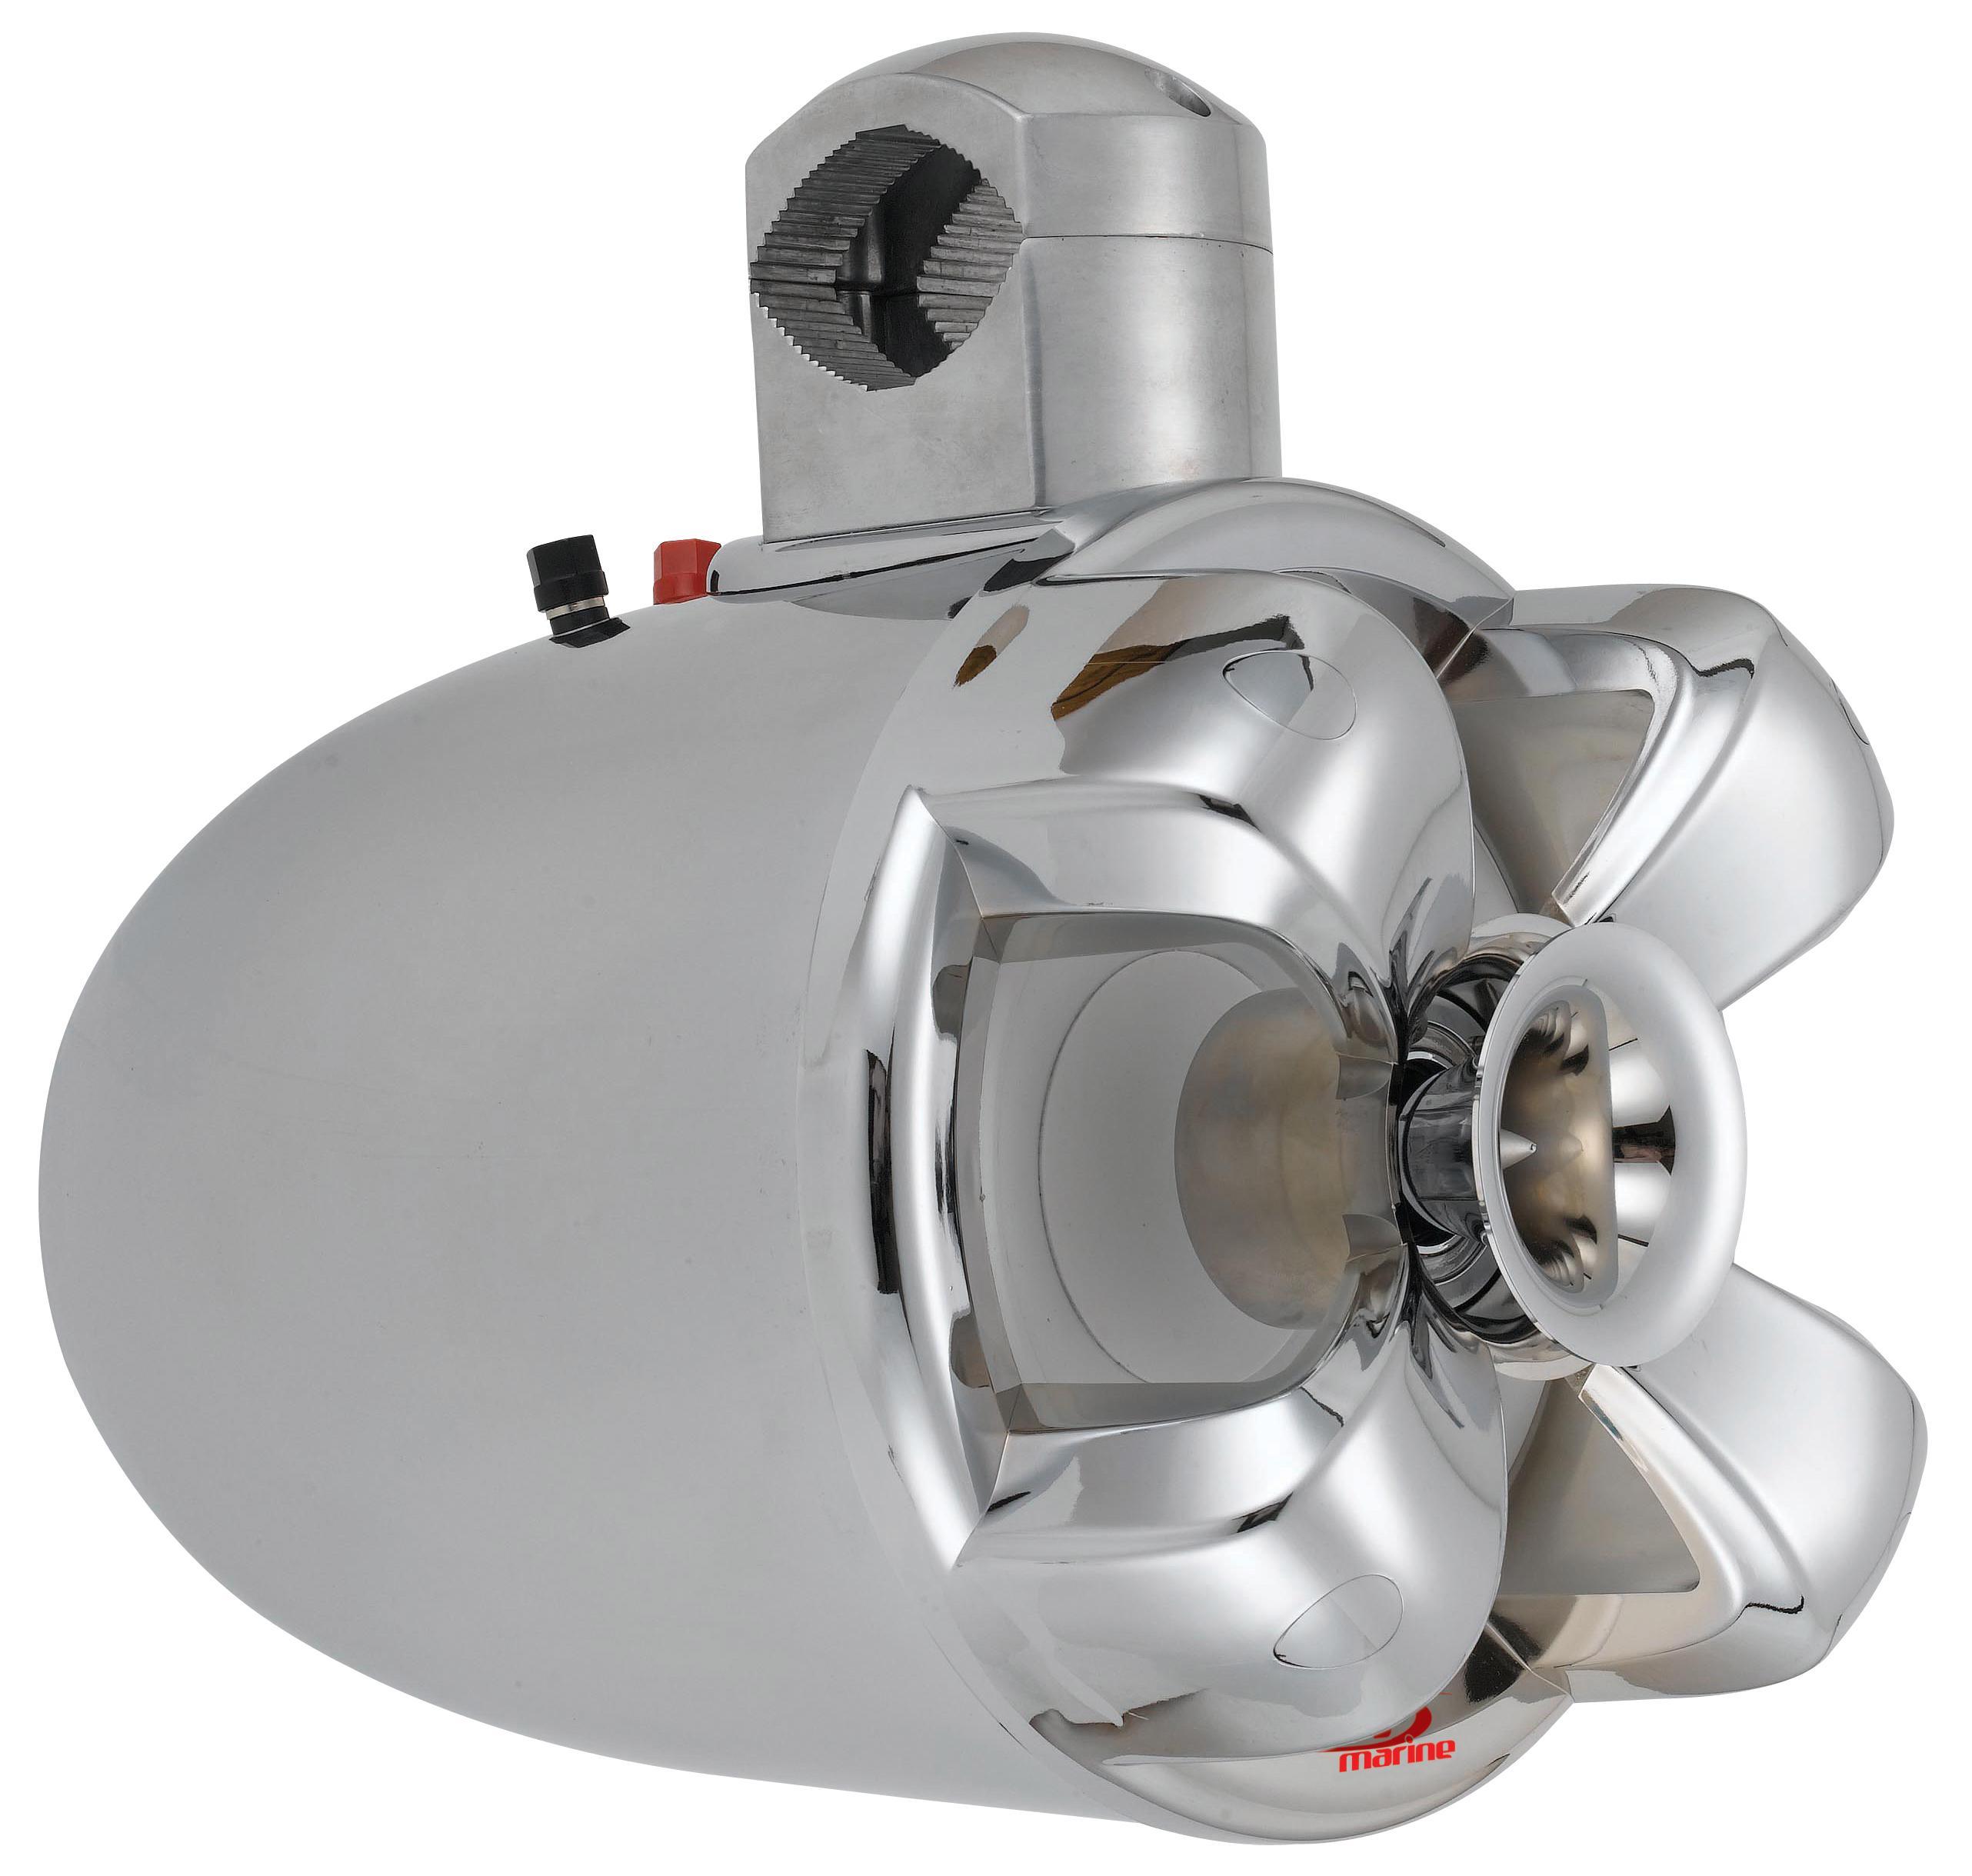 Boss Audio Mrwt8c Marine 8 2 Way 700 Watt Waketower Wakeboard Tower Wiring Diagram From The Manufacturer